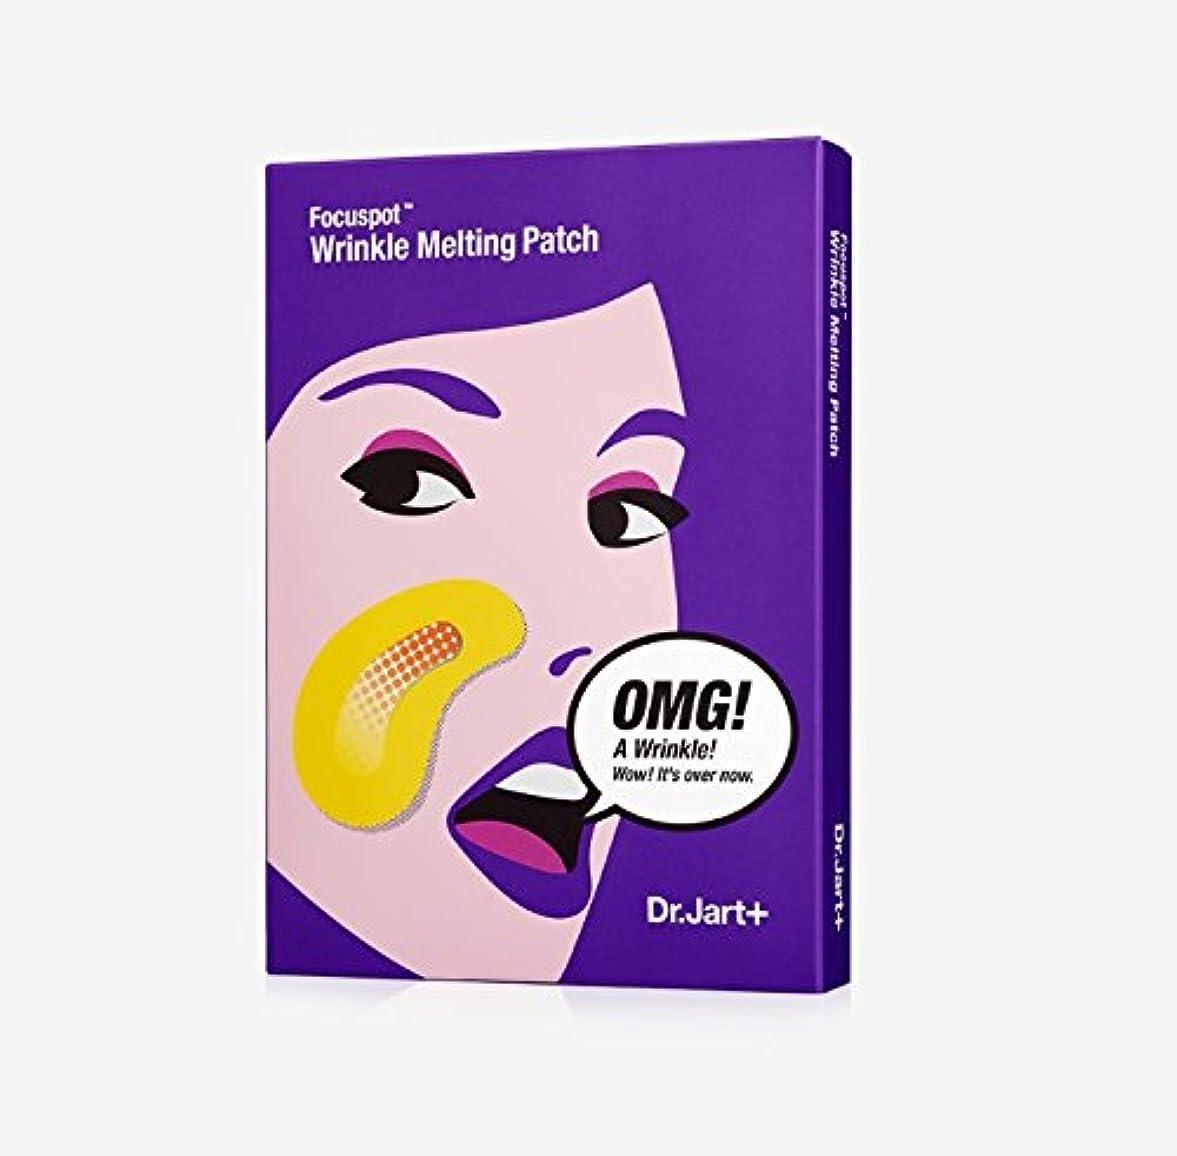 若さ研究所意志[Dr.Jart+] ドクタージャルトゥ ポーカースポット リンクル メルティング パッチ 5回分/Focuspot Wrinkle Melting Patch [並行輸入品]